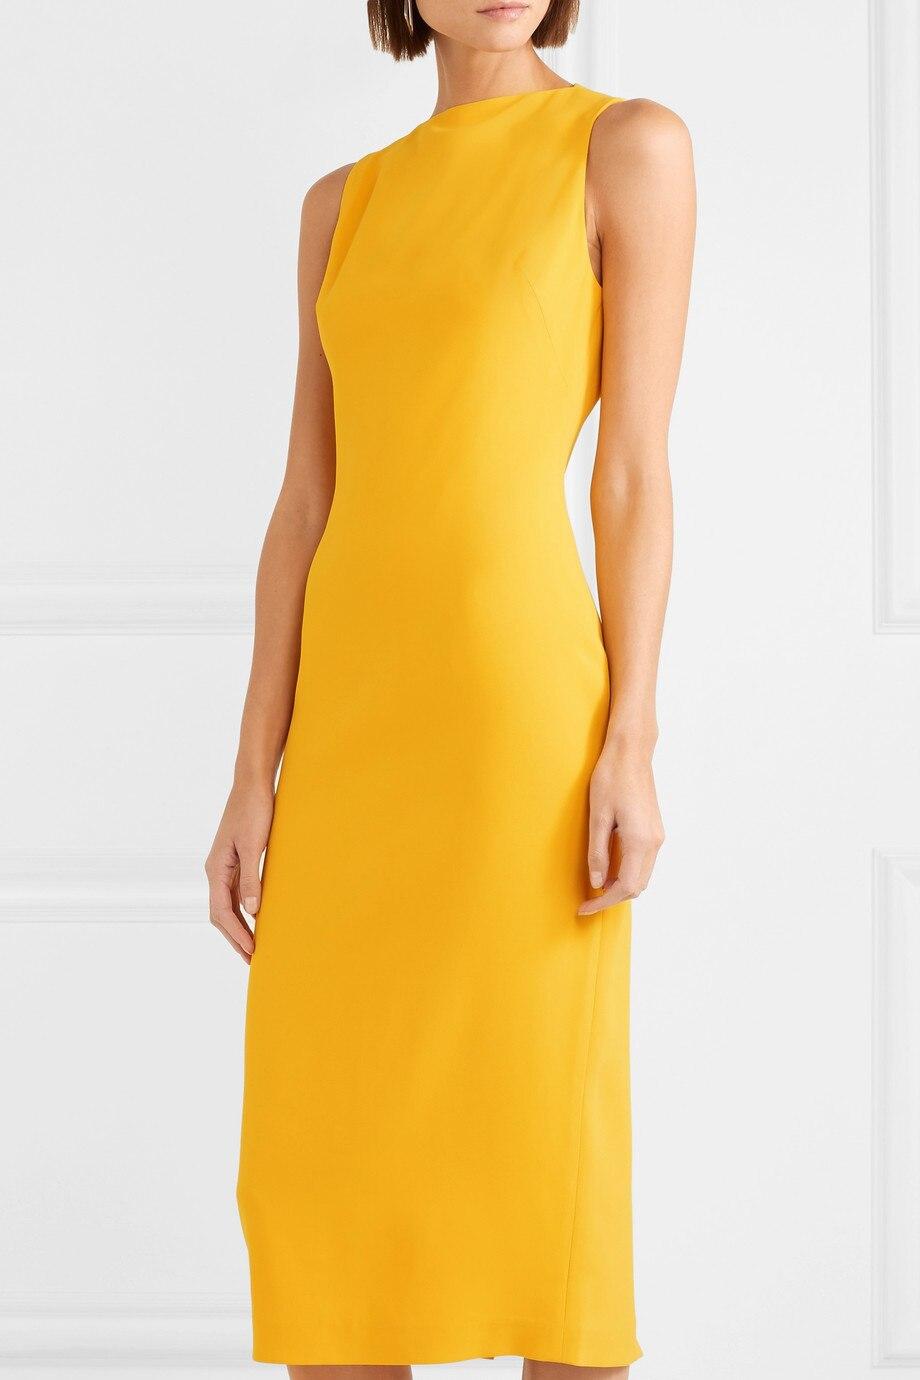 Kadın Giyim'ten Elbiseler'de 2019 Yaz Yeni Varış Zarif Bayan Karışımları Şifon Elbise Katı Sarı Kolsuz Vestidos Alt Bölünmüş O Boyun Kalem Elbiseler'da  Grup 1